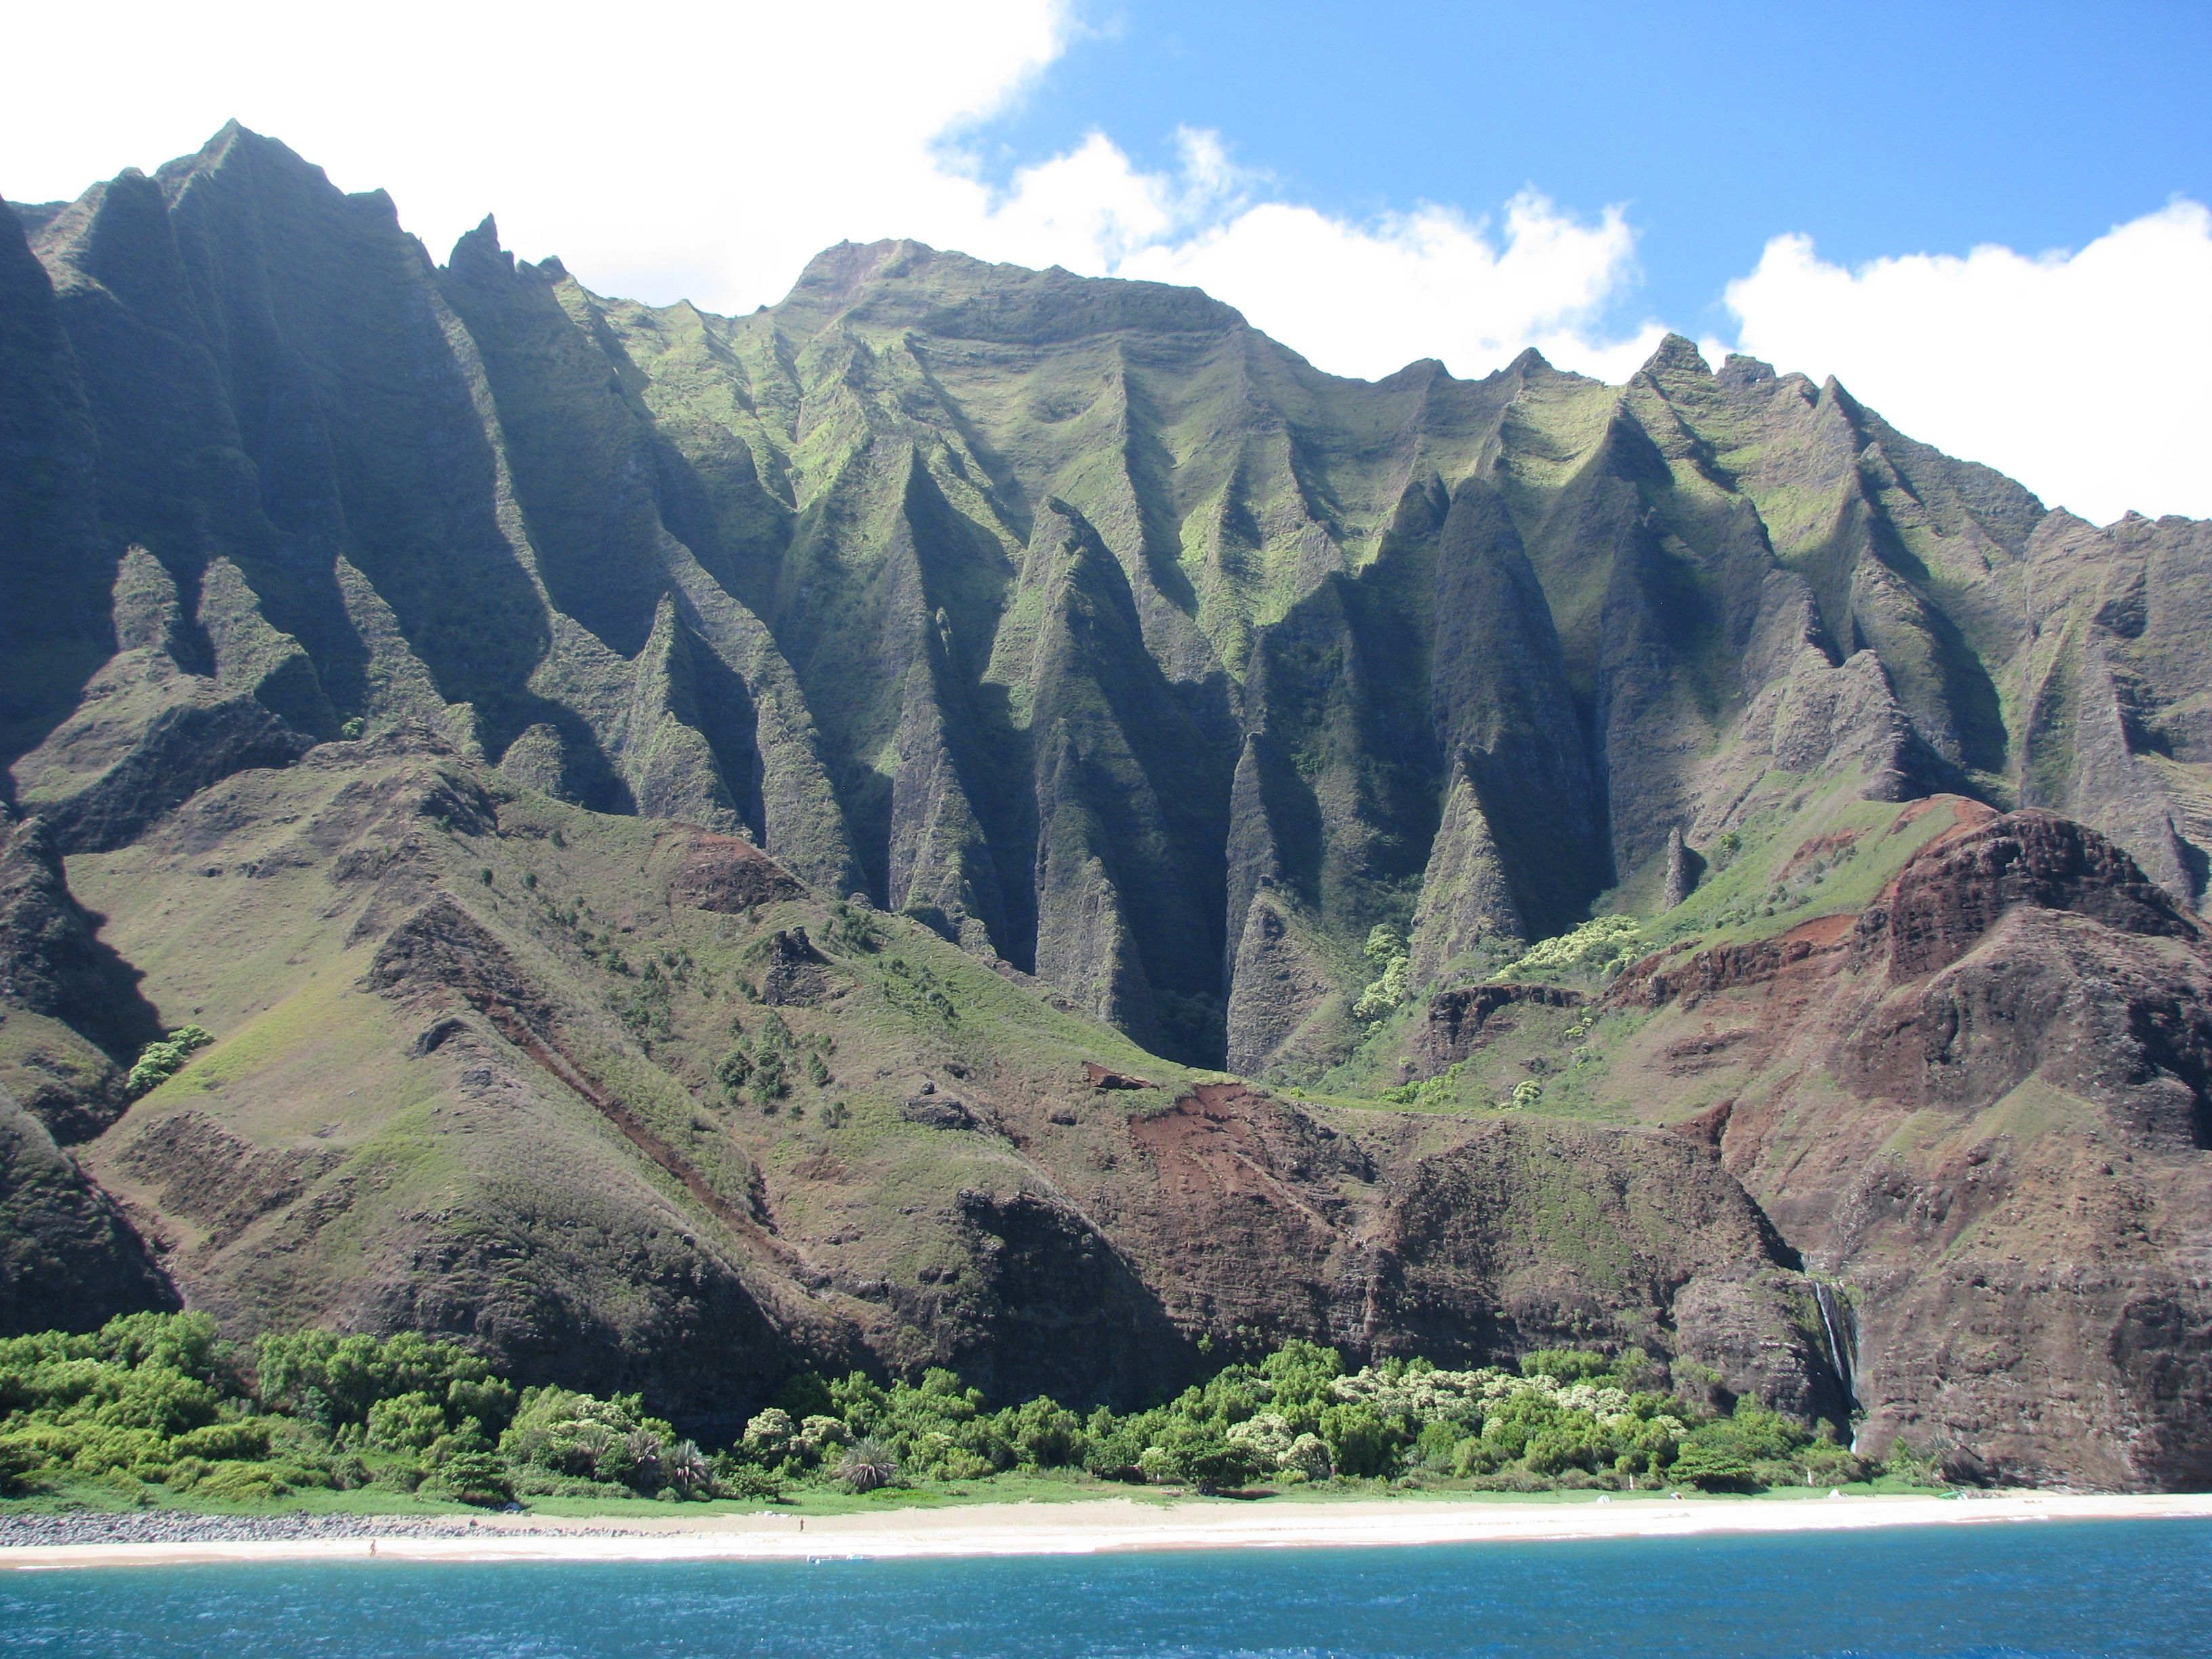 from Zion gay kauai beaches